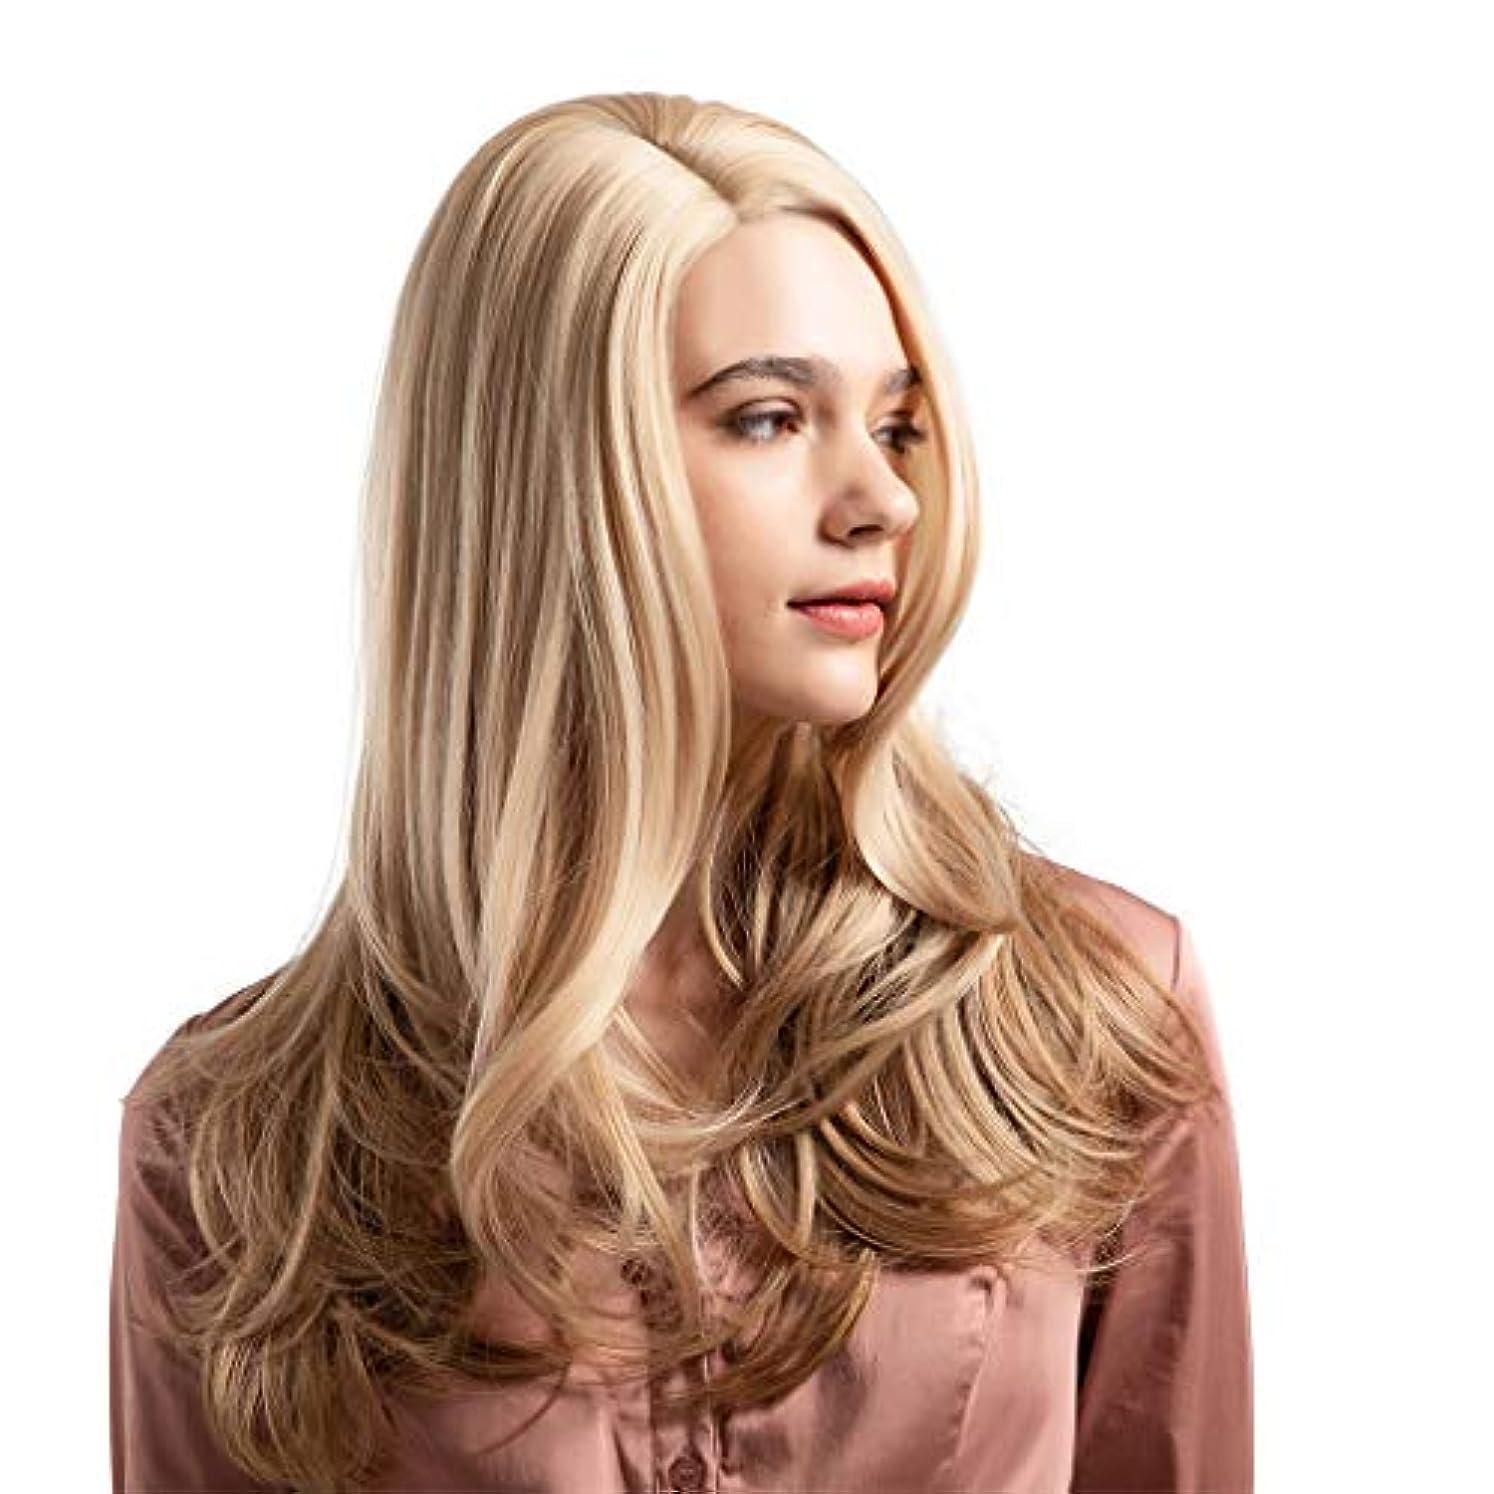 落ち着いてグッゲンハイム美術館封筒ウィッグ女性黄金の大きな波状の巻き毛の高温シルクウィッグ22インチ